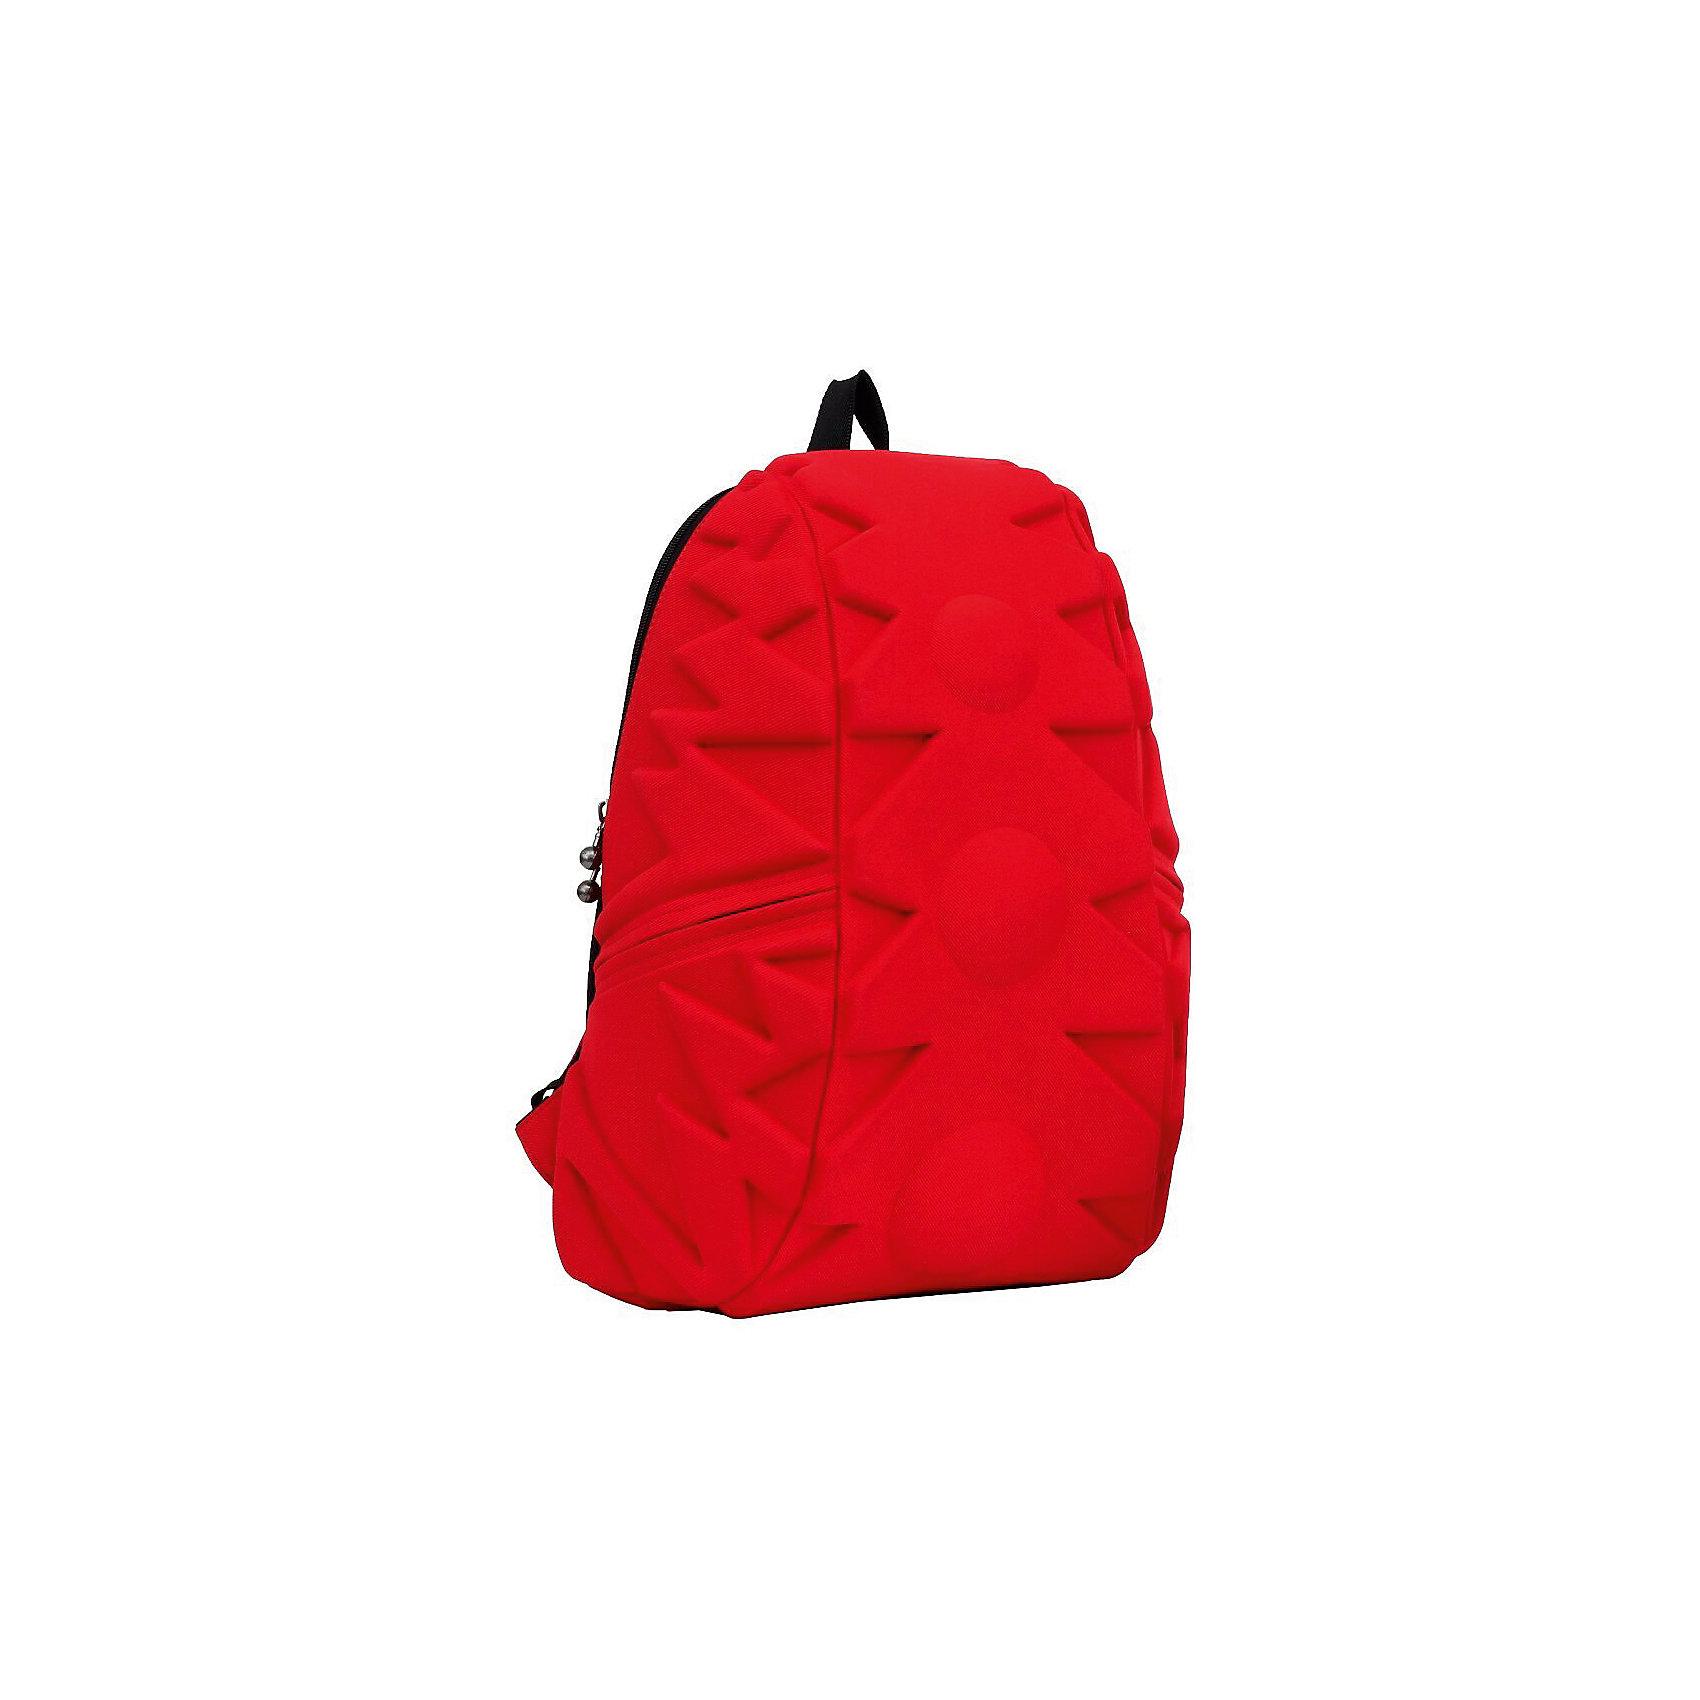 Рюкзак Exo Full, цвет Red (красный)Рюкзаки<br>Вес: 0,8 кг<br>Размер: 46х36х20 см<br>Состав: рюкзак<br>Наличие светоотражающих элементов: нет<br>Материал: полиспандекс<br><br>Ширина мм: 460<br>Глубина мм: 360<br>Высота мм: 200<br>Вес г: 800<br>Возраст от месяцев: 60<br>Возраст до месяцев: 720<br>Пол: Унисекс<br>Возраст: Детский<br>SKU: 7054107